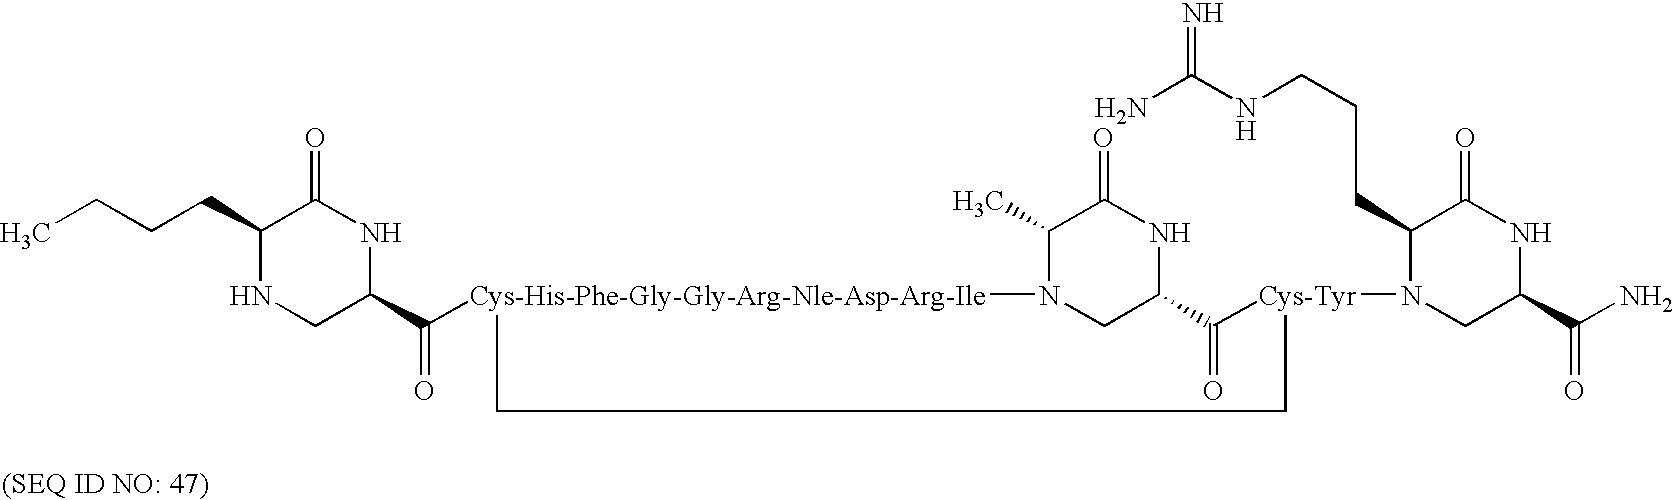 Figure US07622440-20091124-C00191